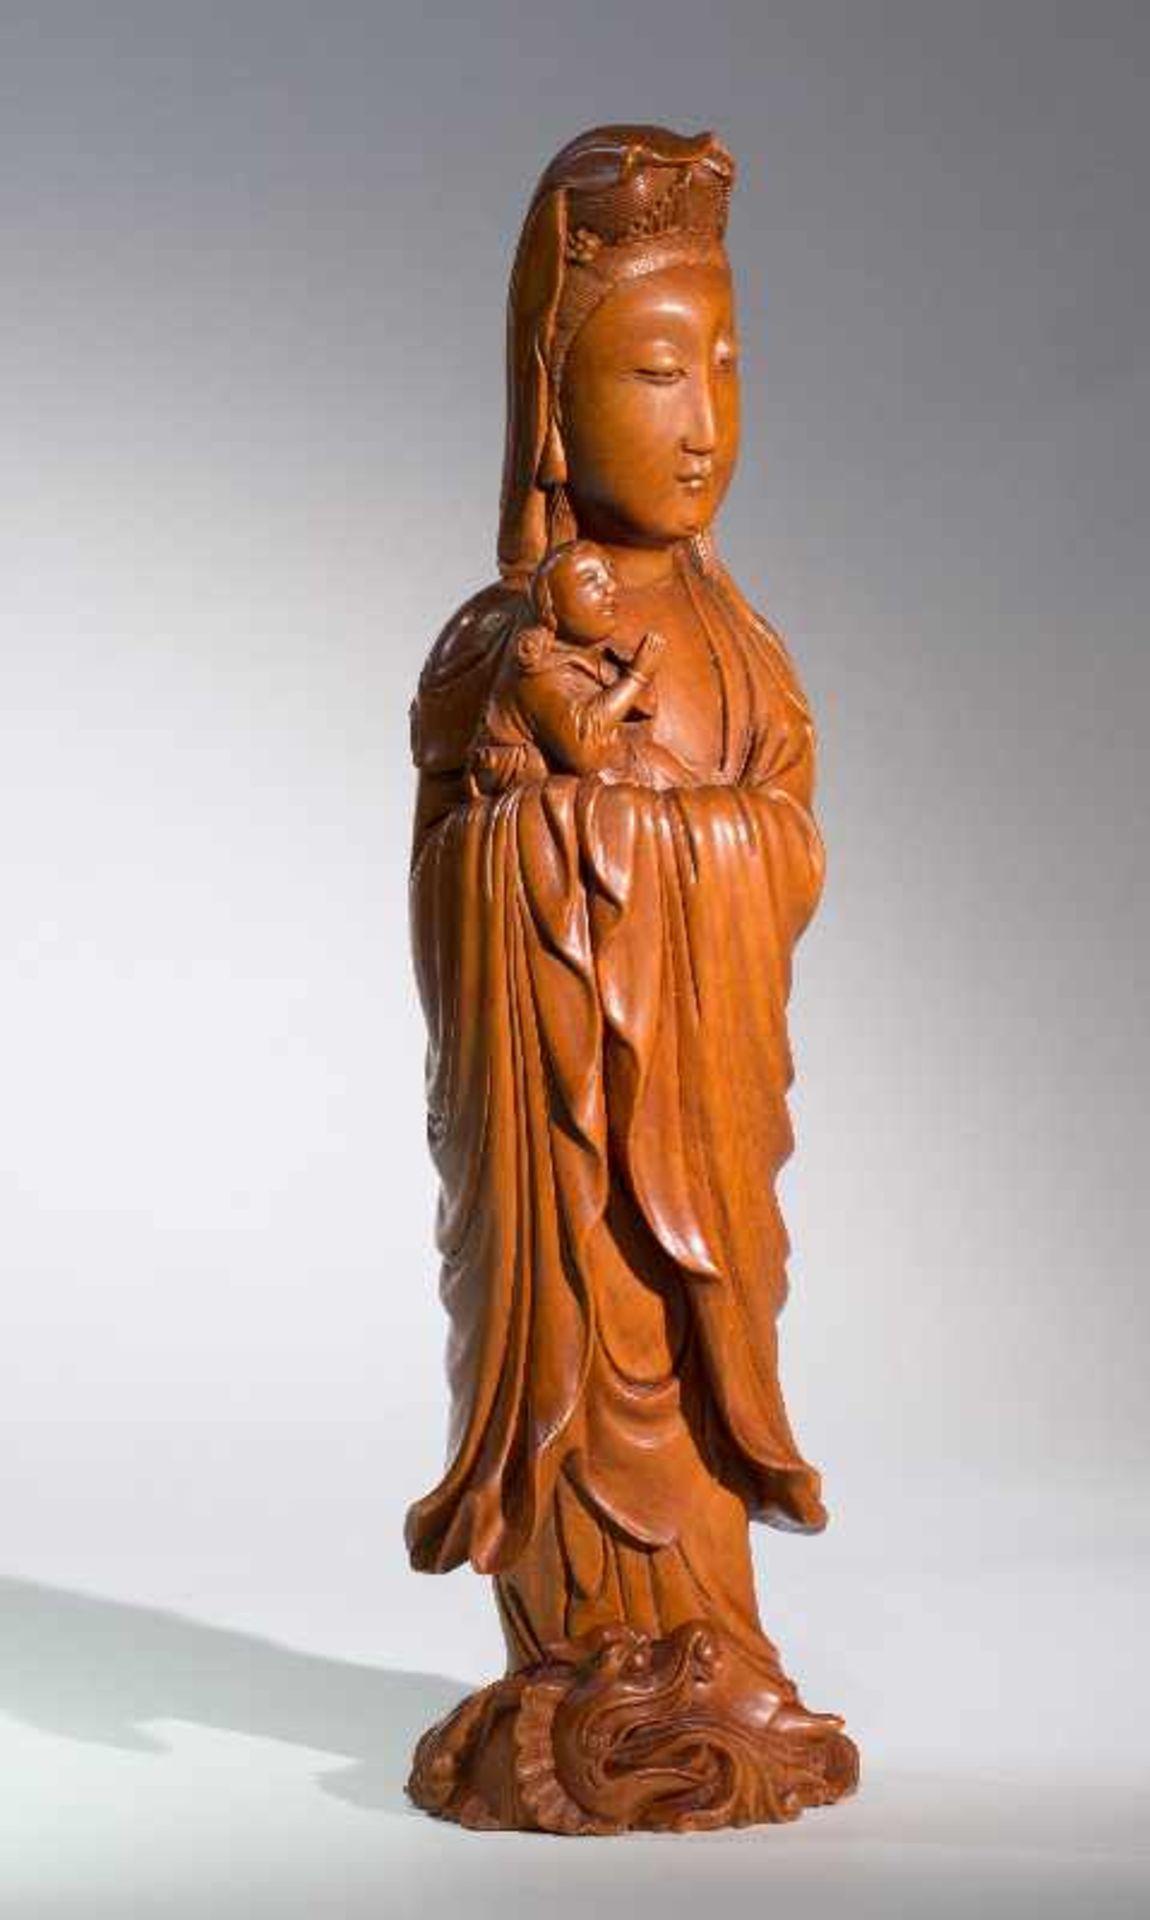 DIE KINDERBRINGENDE GÖTTIN GUANYINBuchsbaumholz. China, Qing-Dynastie, 18. bis 19. Jh. Ein - Image 6 of 7